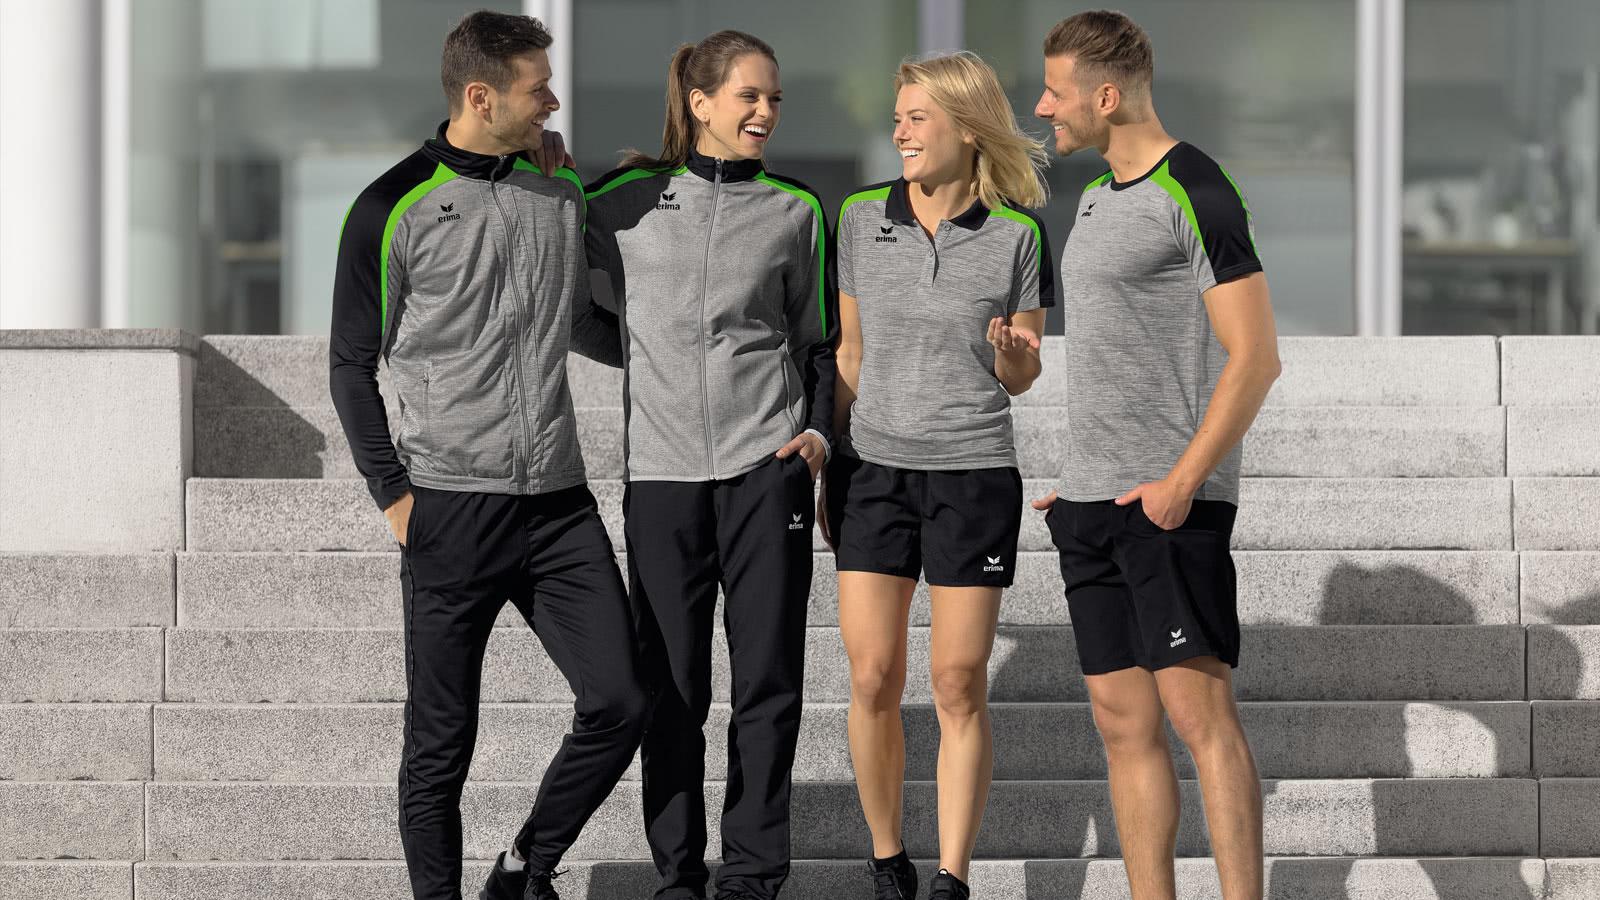 Bestell dir mit er Erima Liga Line 2.0 die günstige universelle Sportbekleidung